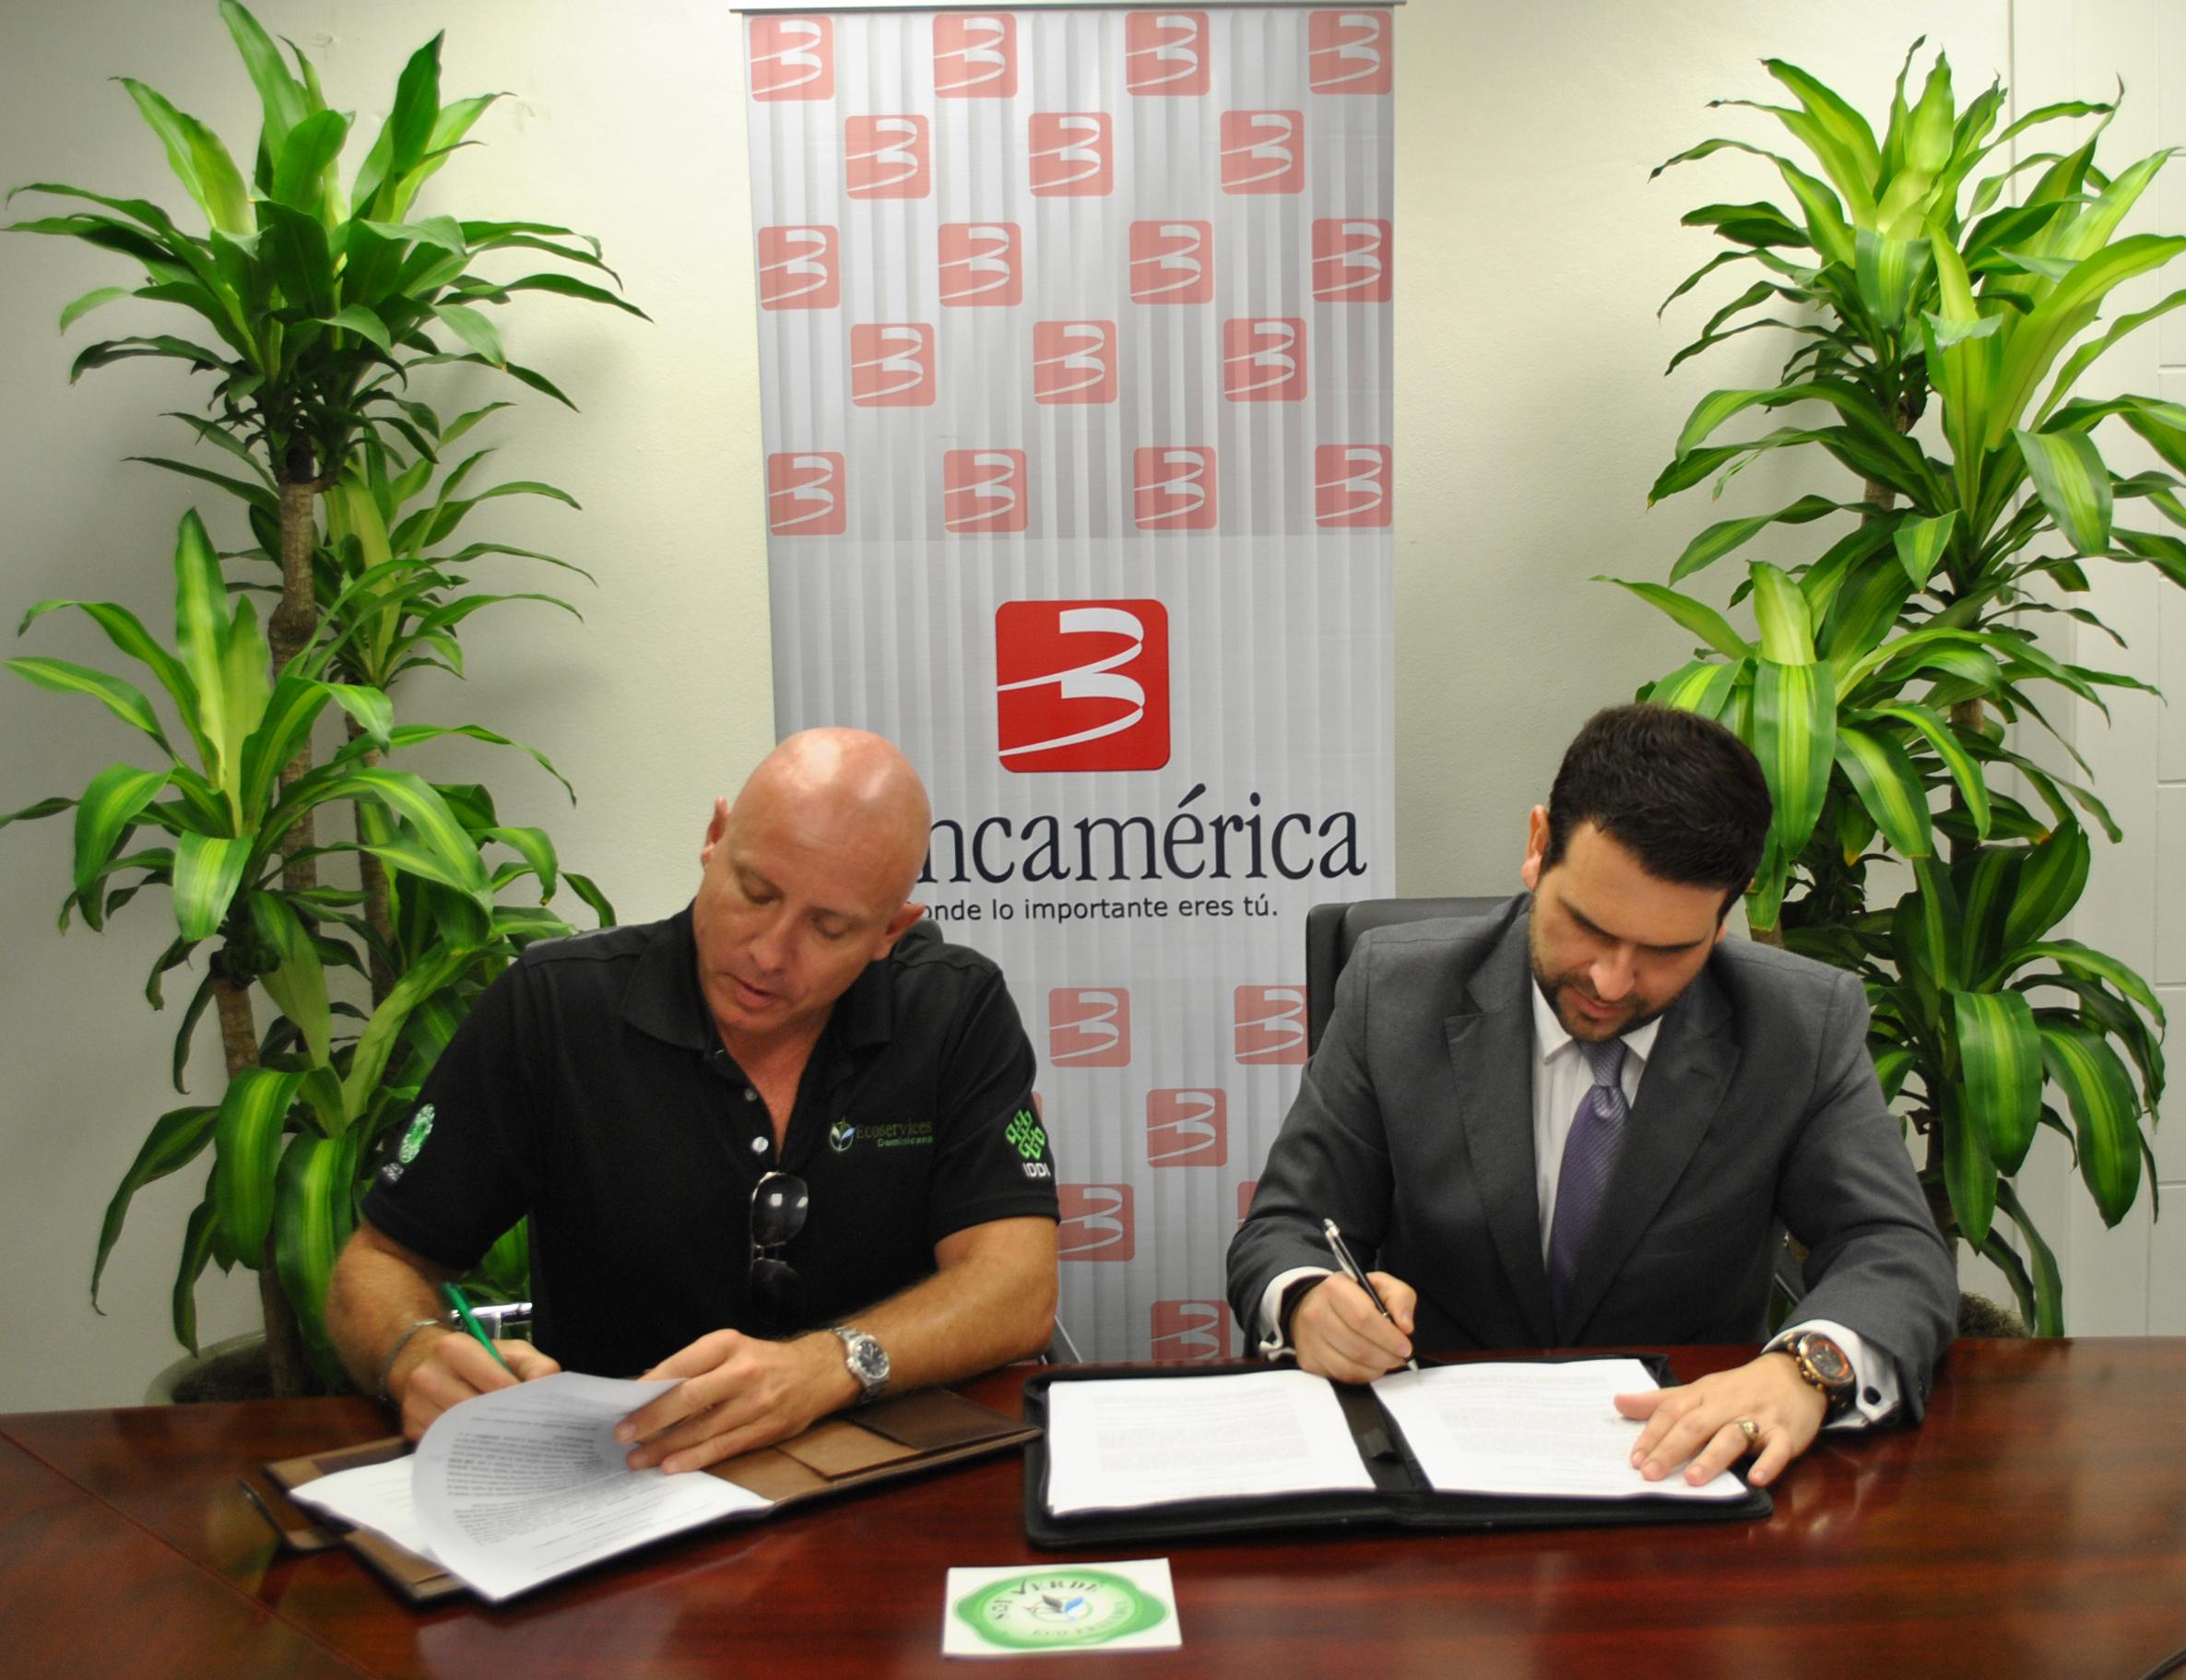 Acto de entrega de la certificación en Bancamerica. Firman el acuerdo Terry Wheat y Jaime Moisu./ elDinero